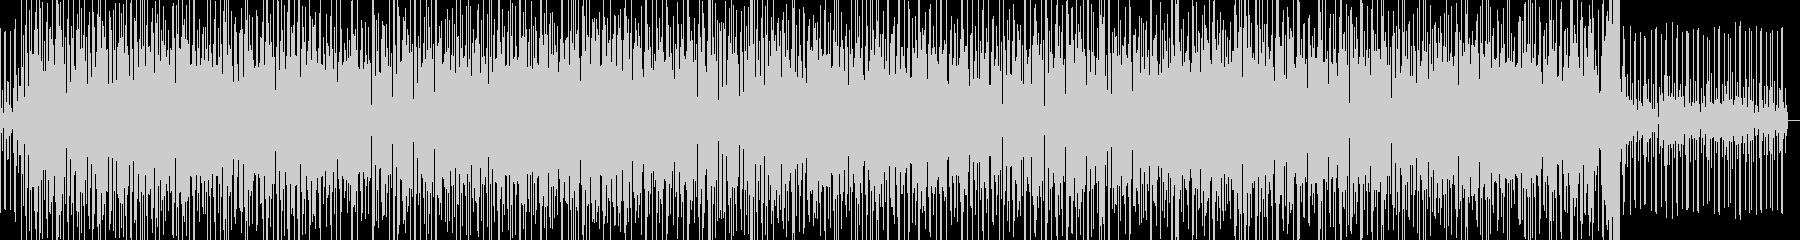 チャチャファンクとカスタネットの未再生の波形